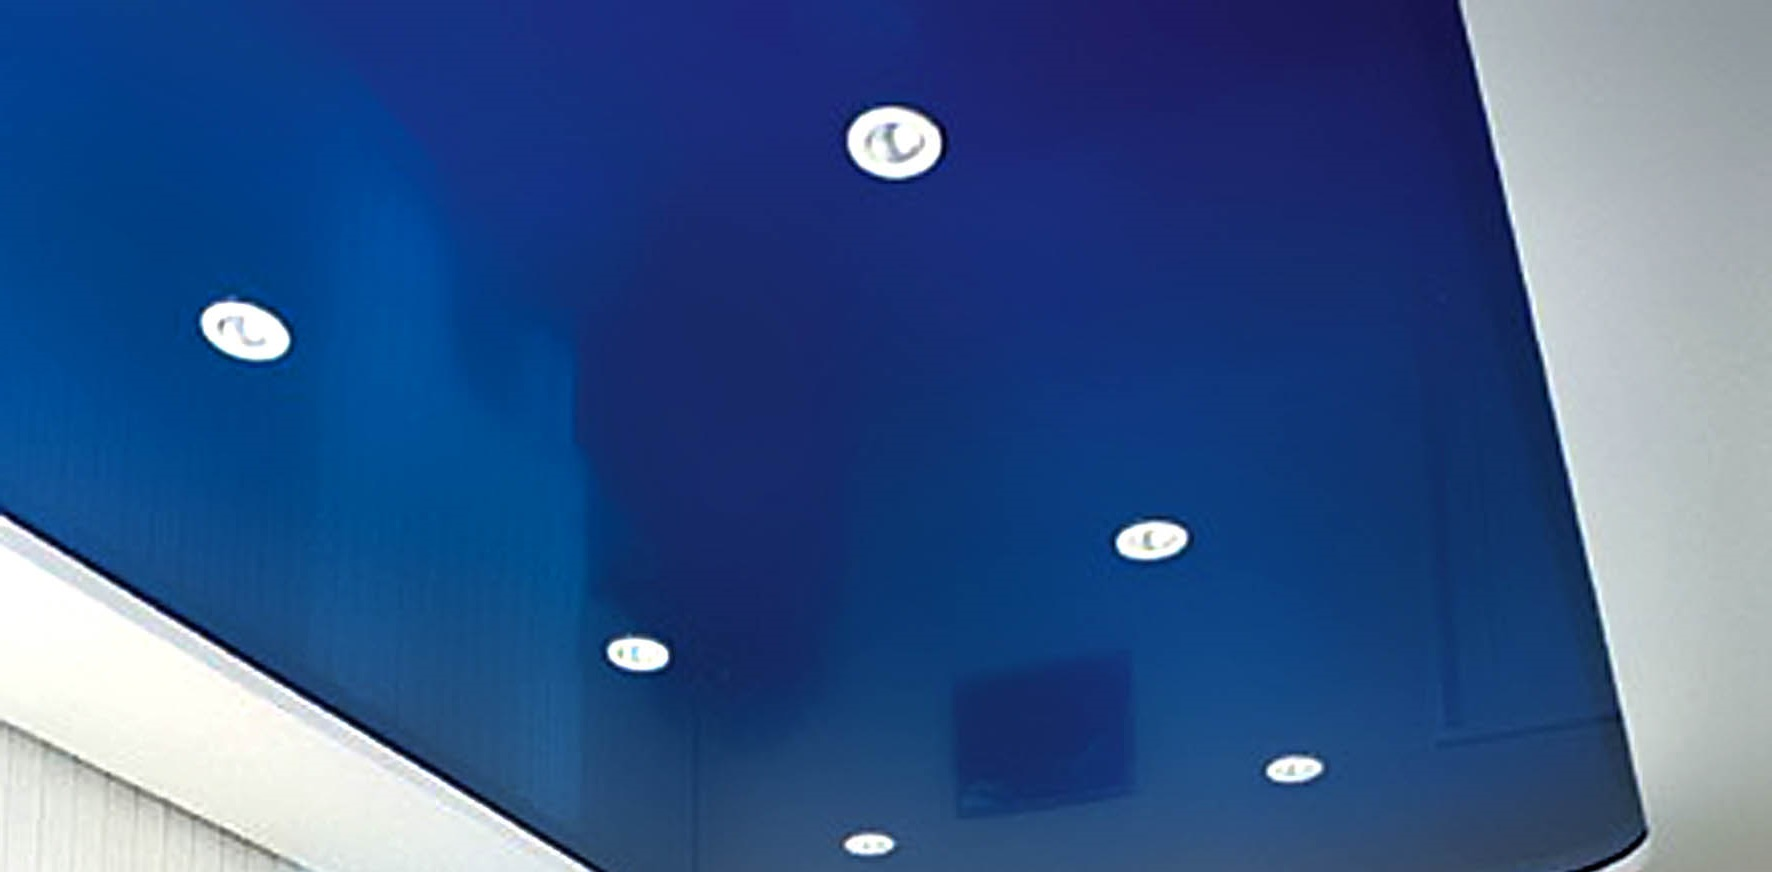 глянцевый потолок54.jpg